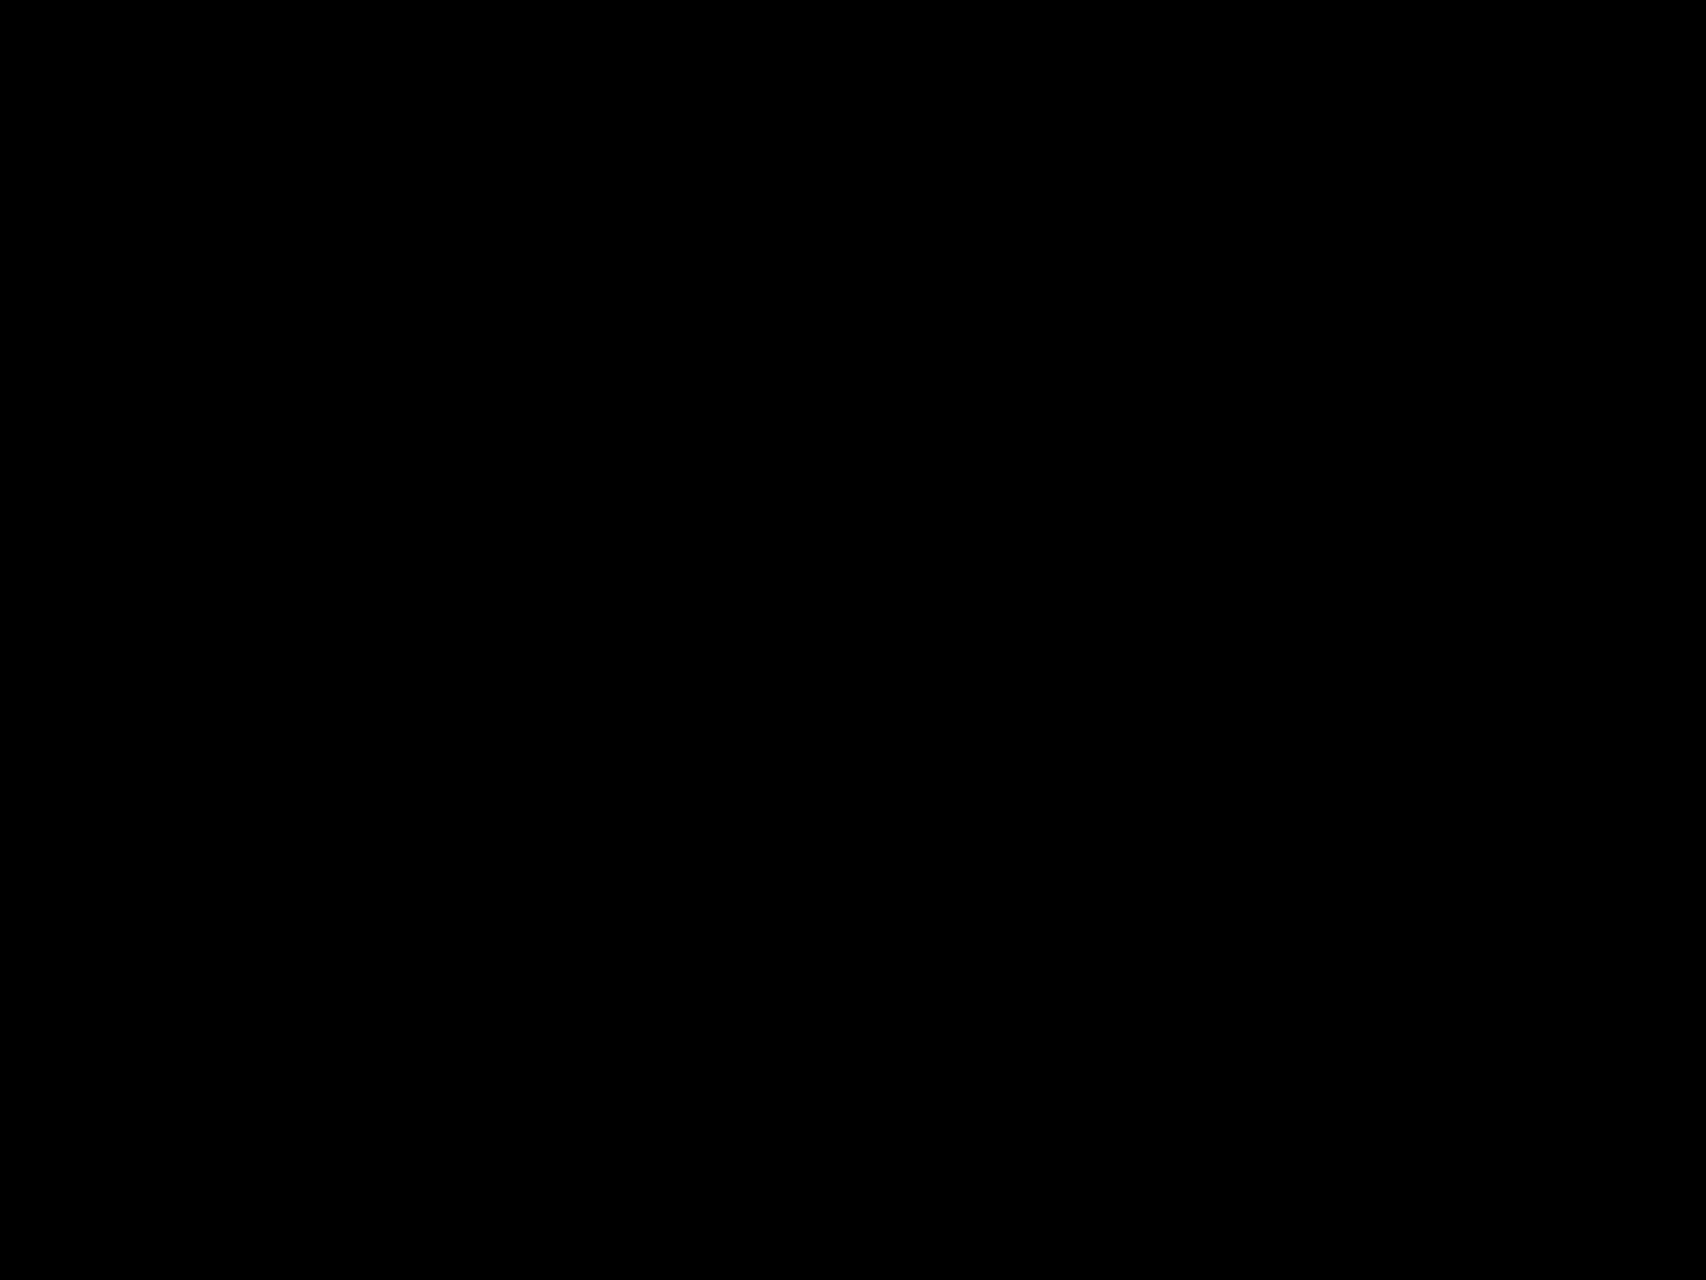 5452_01.jpg